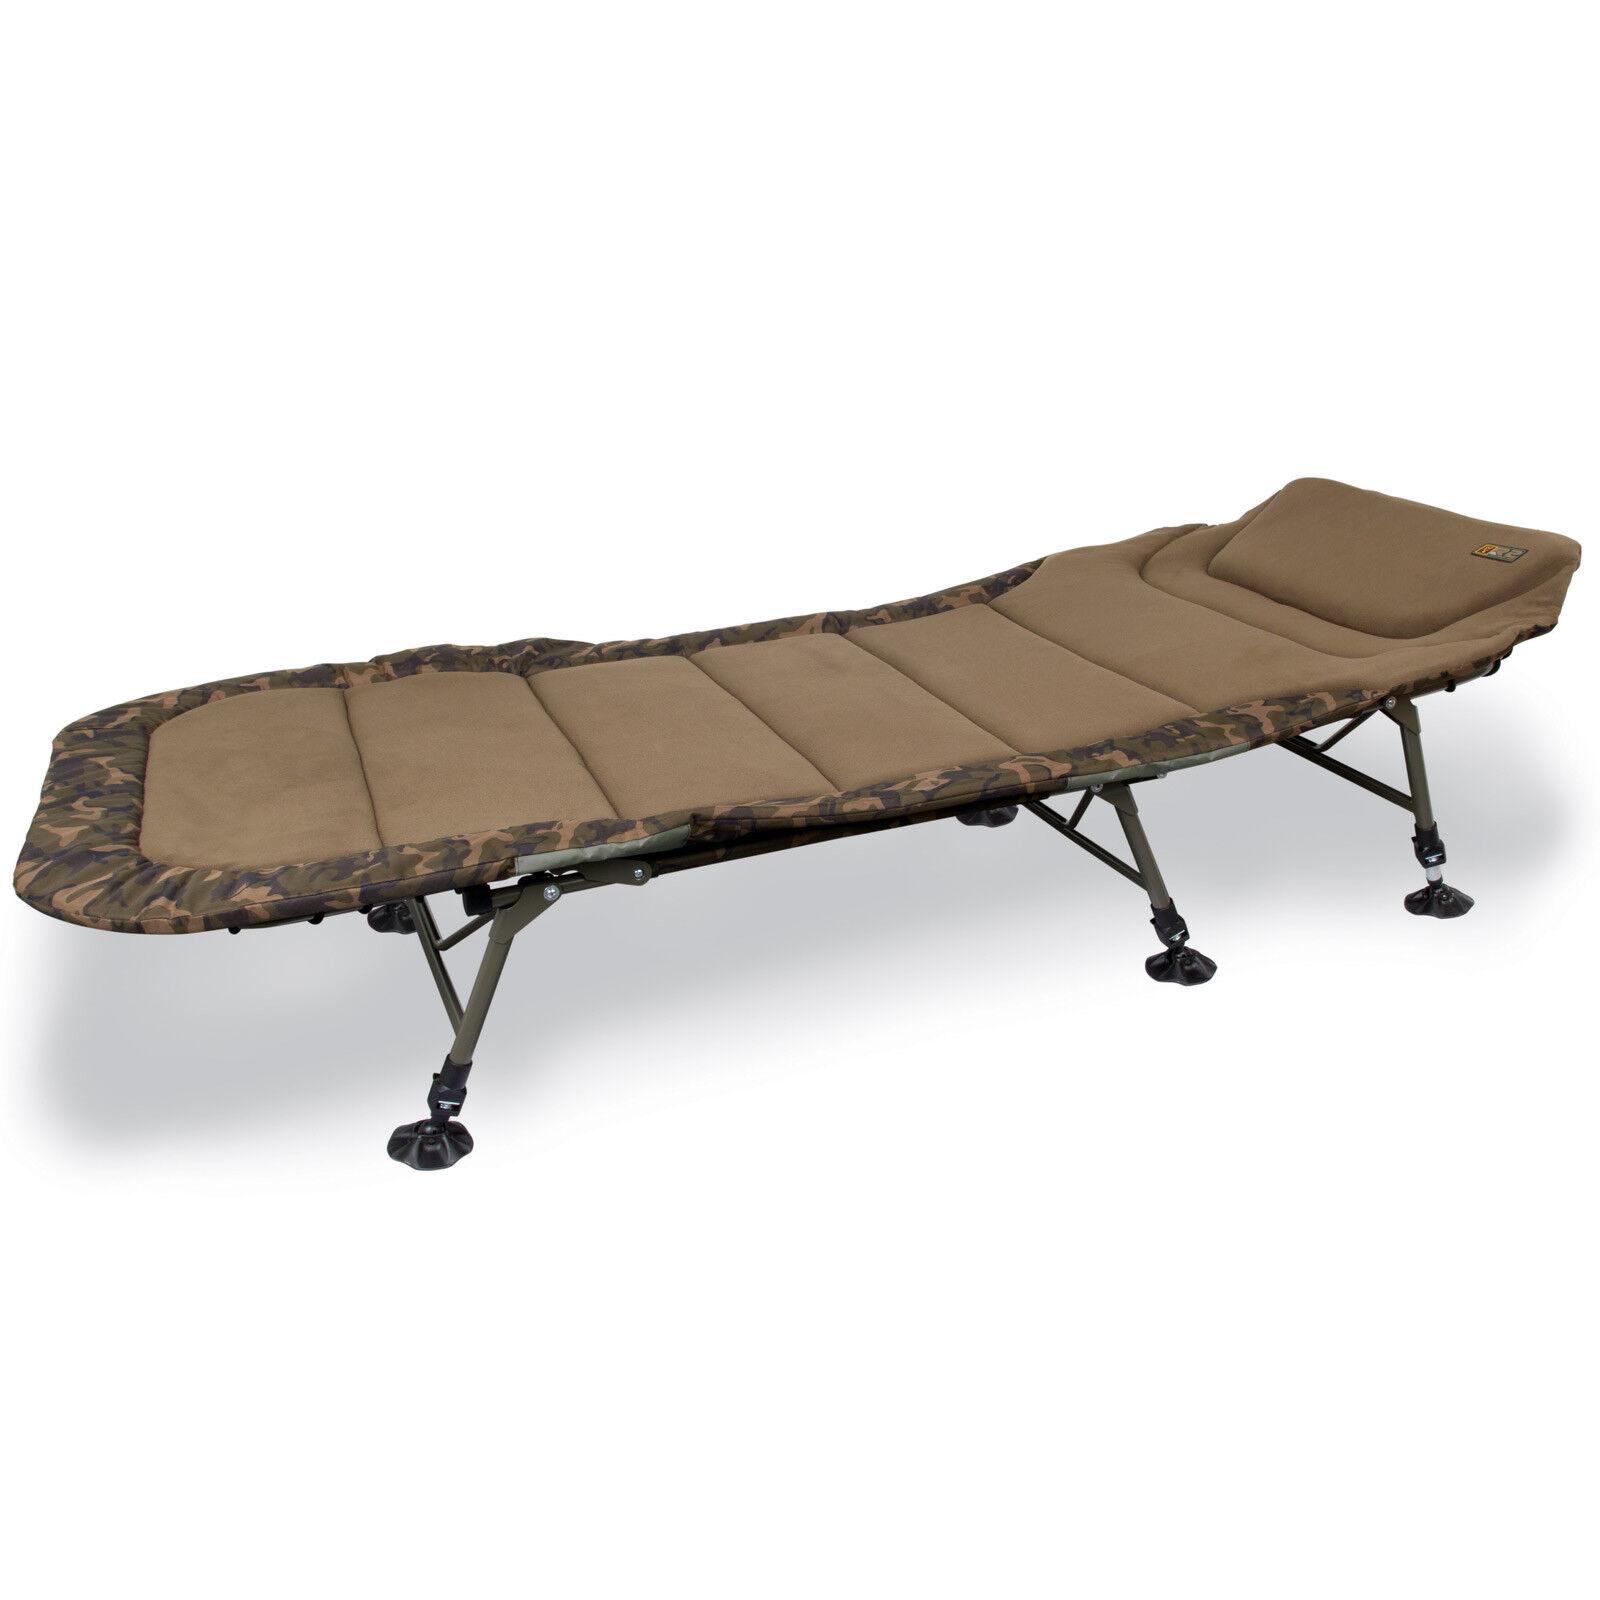 Fox Karpfenliege Angelliege - R2 Camo Bedchair Standard